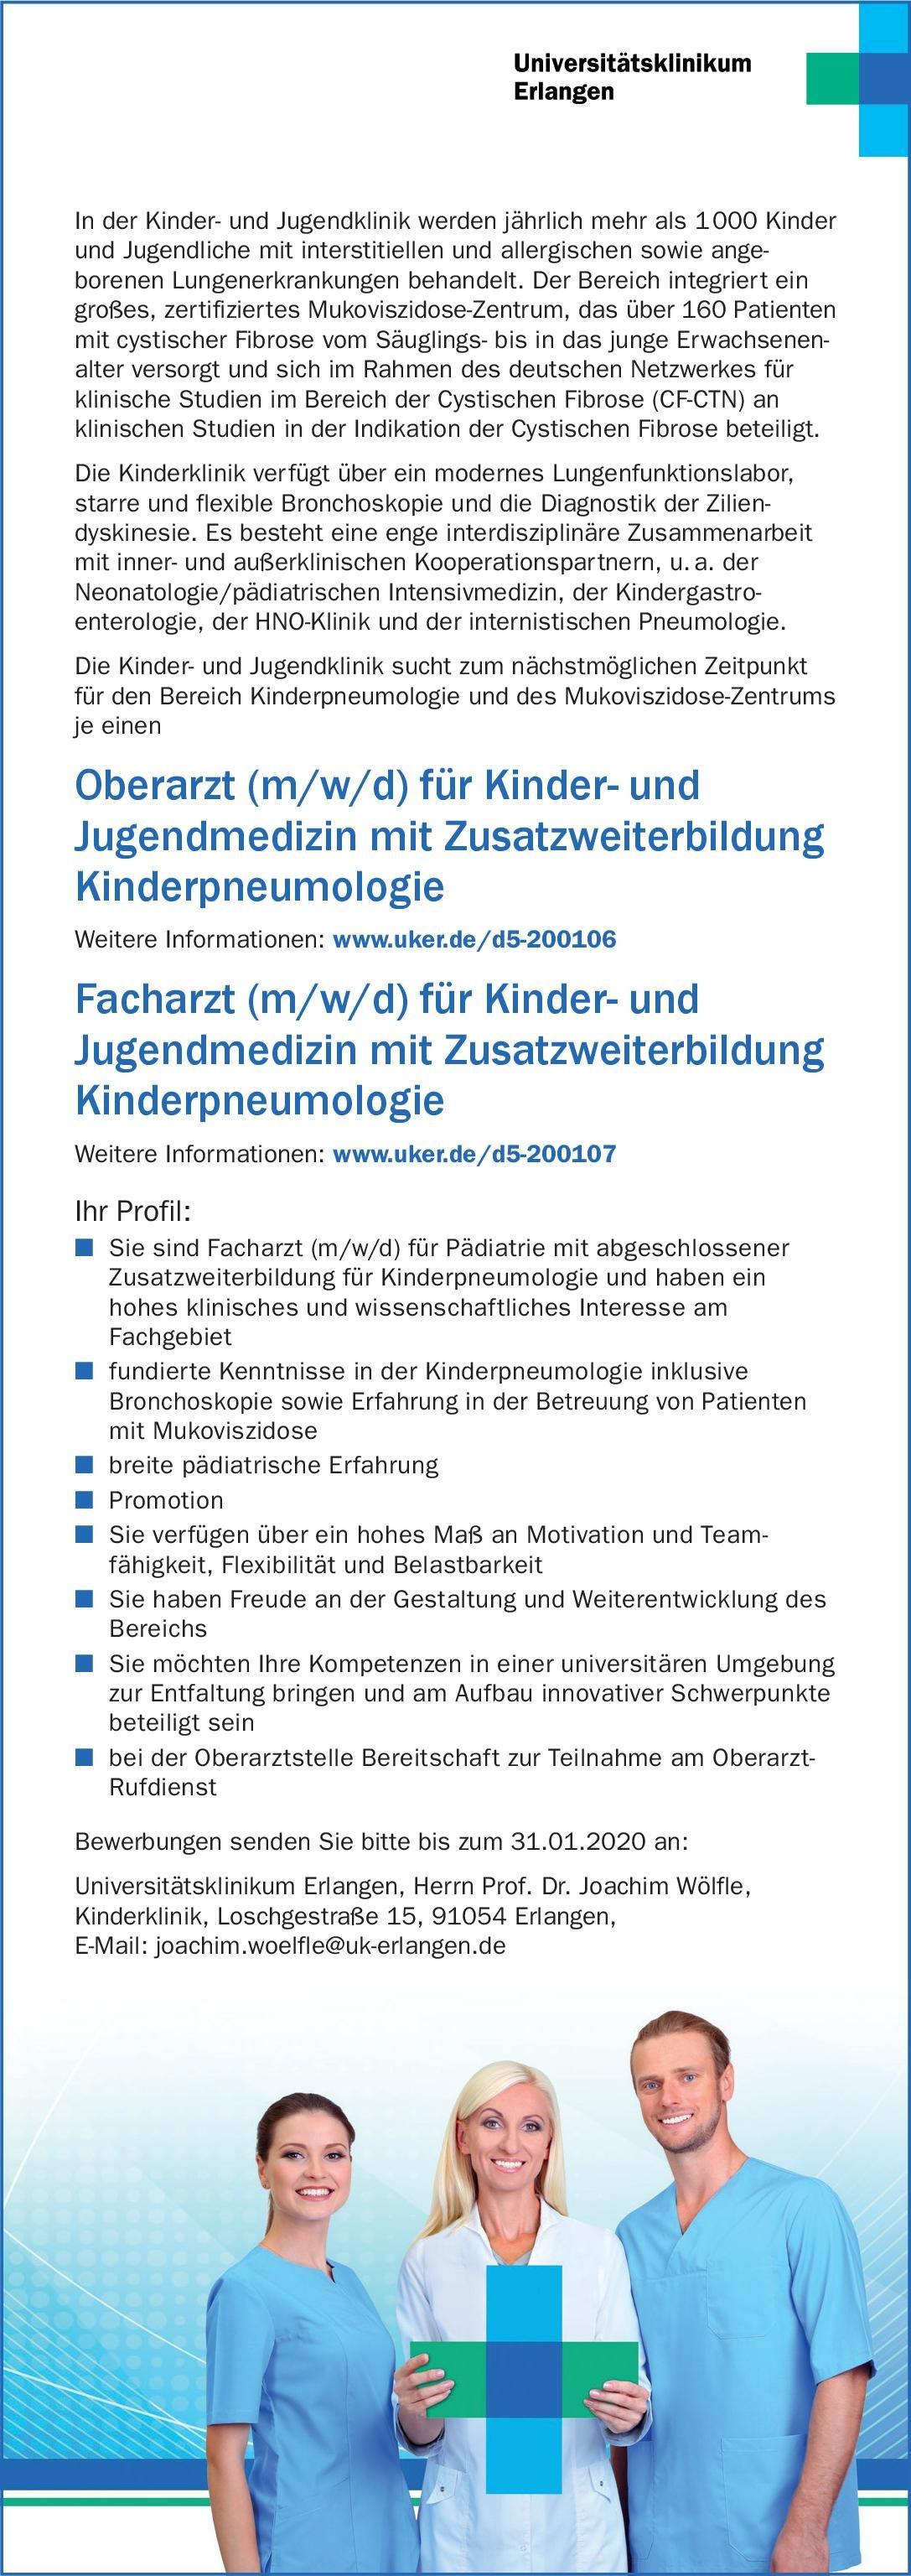 Universitätsklinikum Erlangen Oberarzt (m/w/d) für Kinder- und Jugendmedizin mit Zusatzweiterbildung Kinderpneumologie  Kinder- und Jugendmedizin, Kinder- und Jugendmedizin Oberarzt